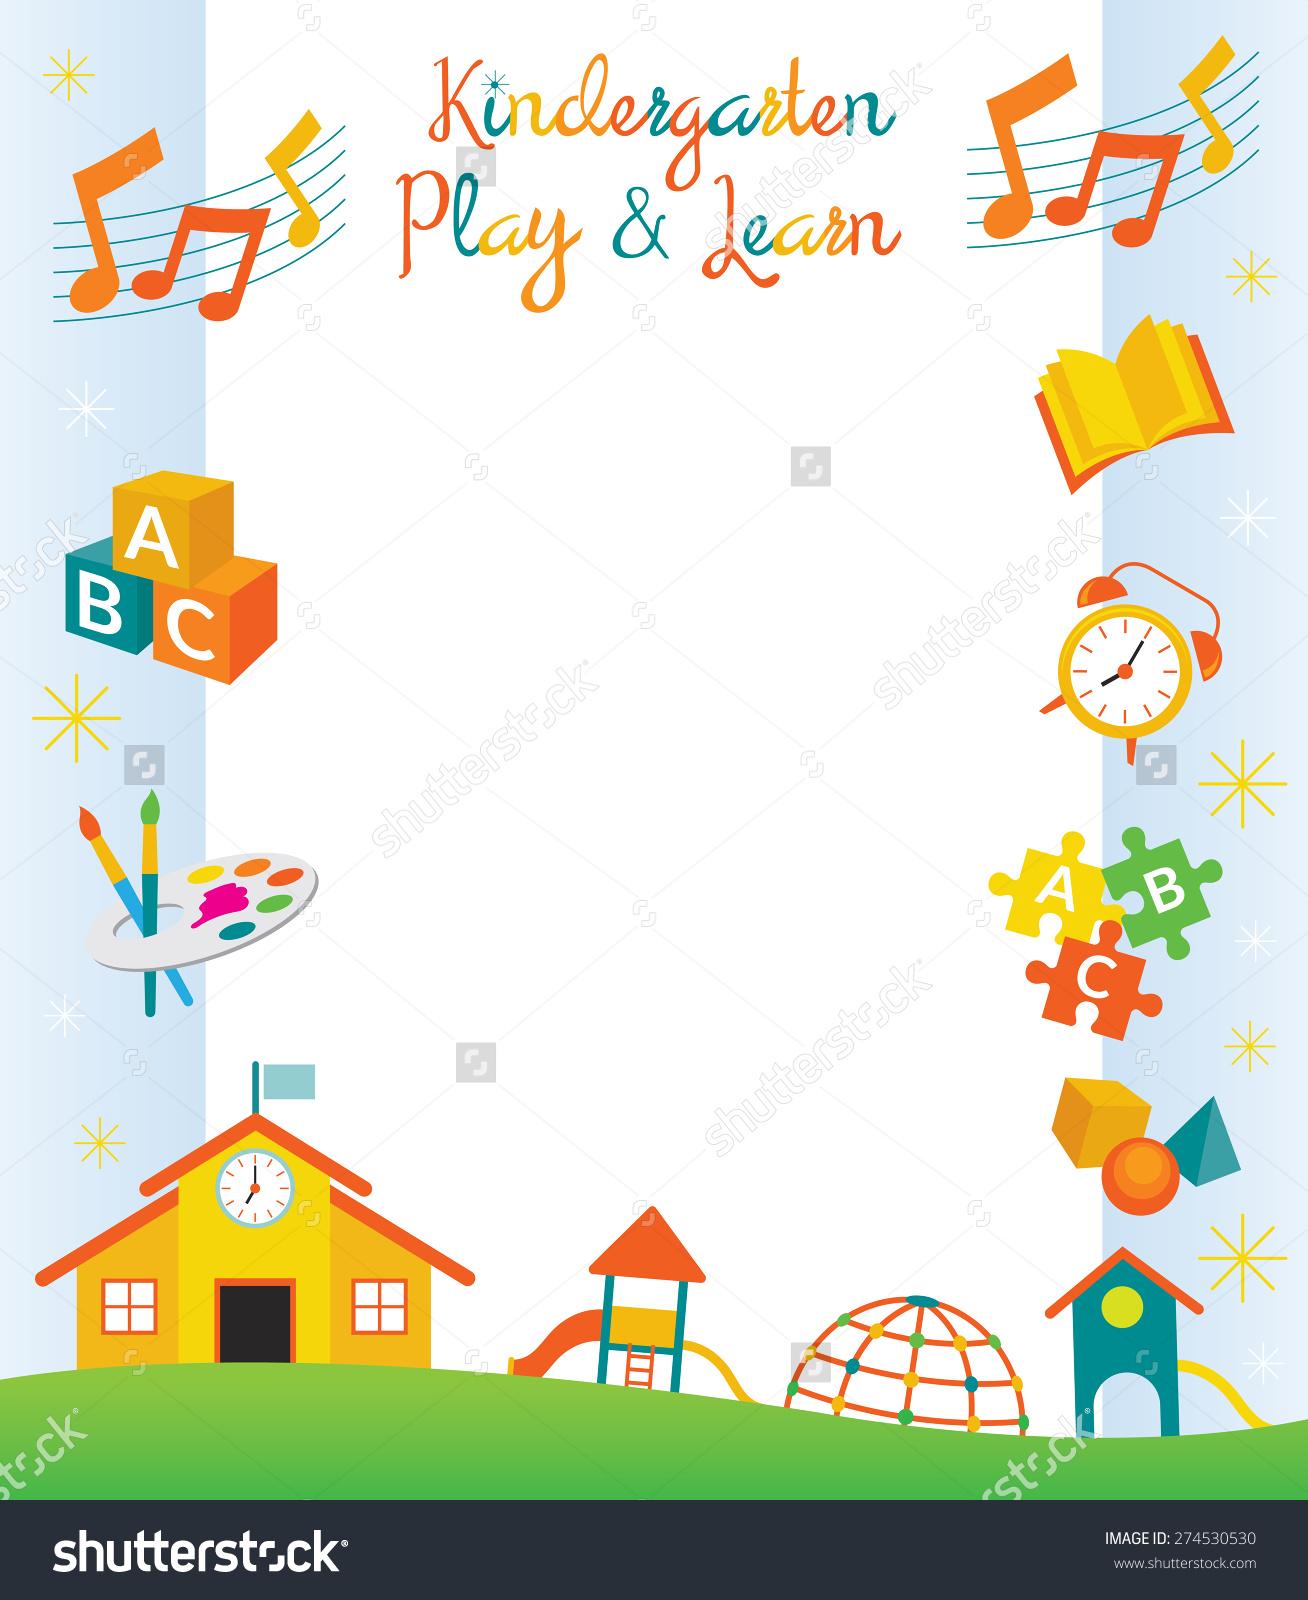 Kindergarten Clip Art: Kindergarten Clipart Borders 20 Free Cliparts